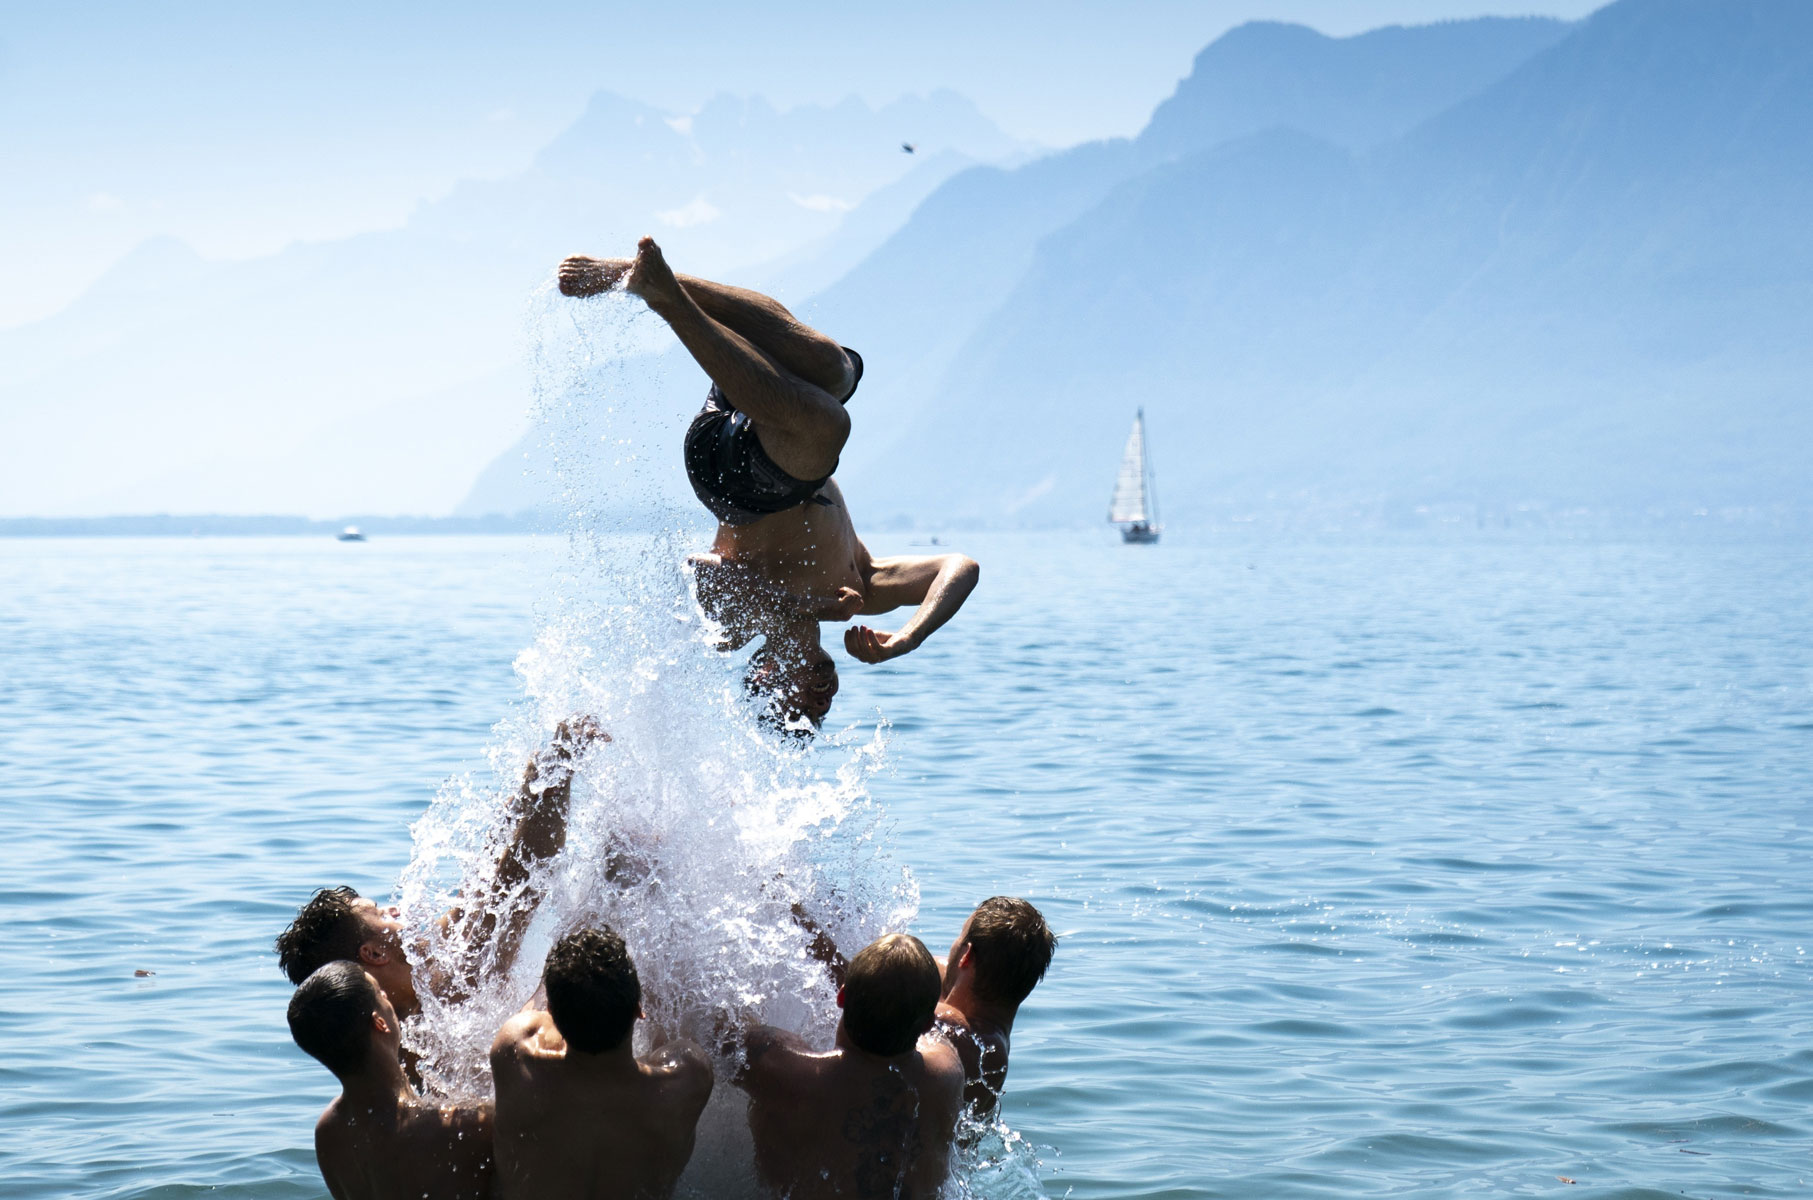 Участники фестиваля виноделов проводят время наЖеневском озереExtras of the